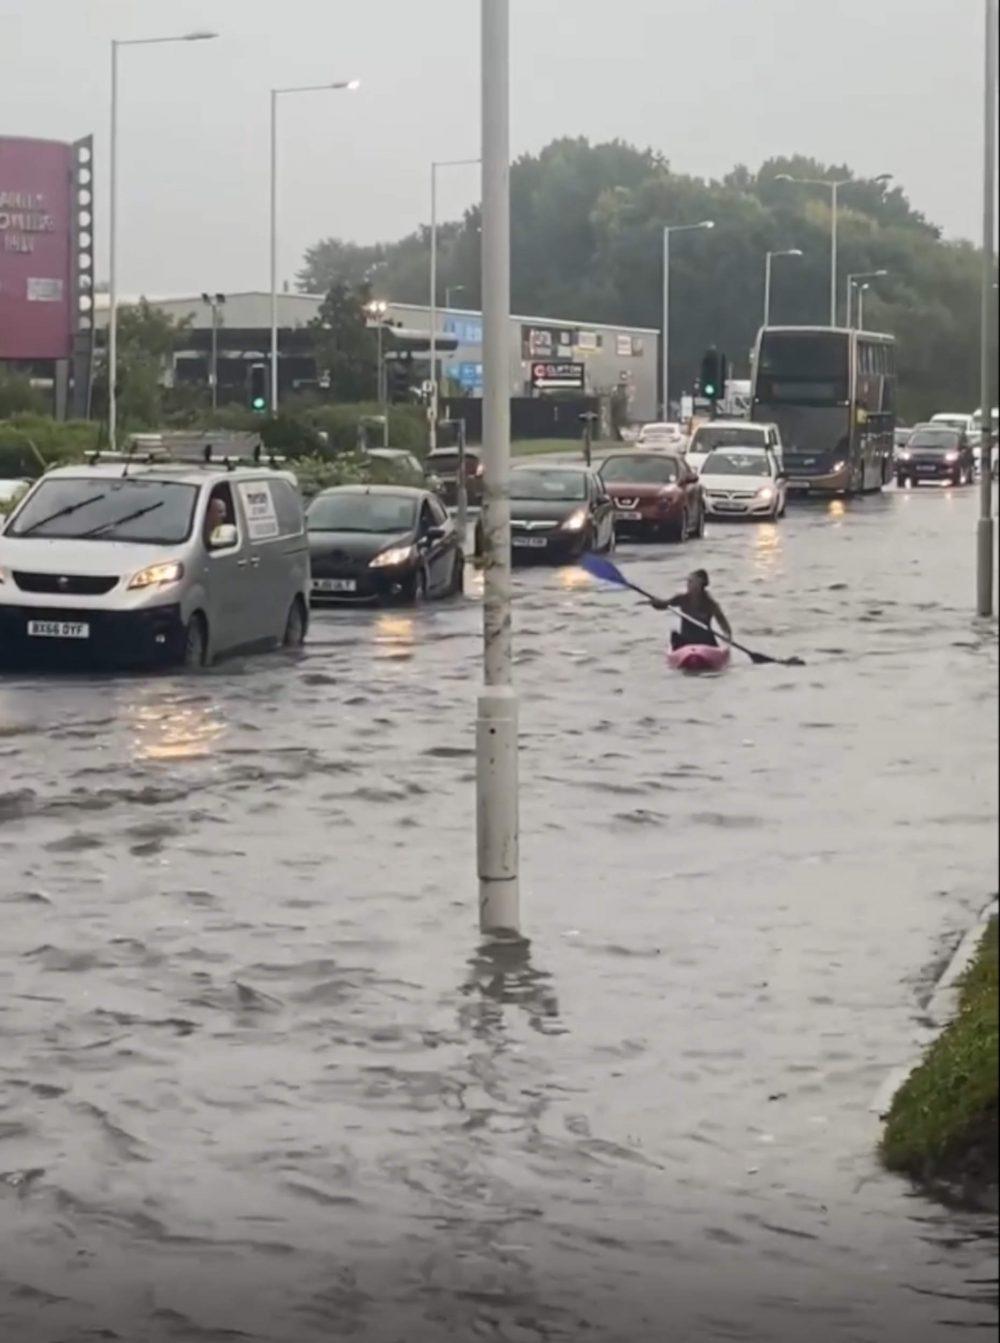 Kayaker in traffic - weather news UK